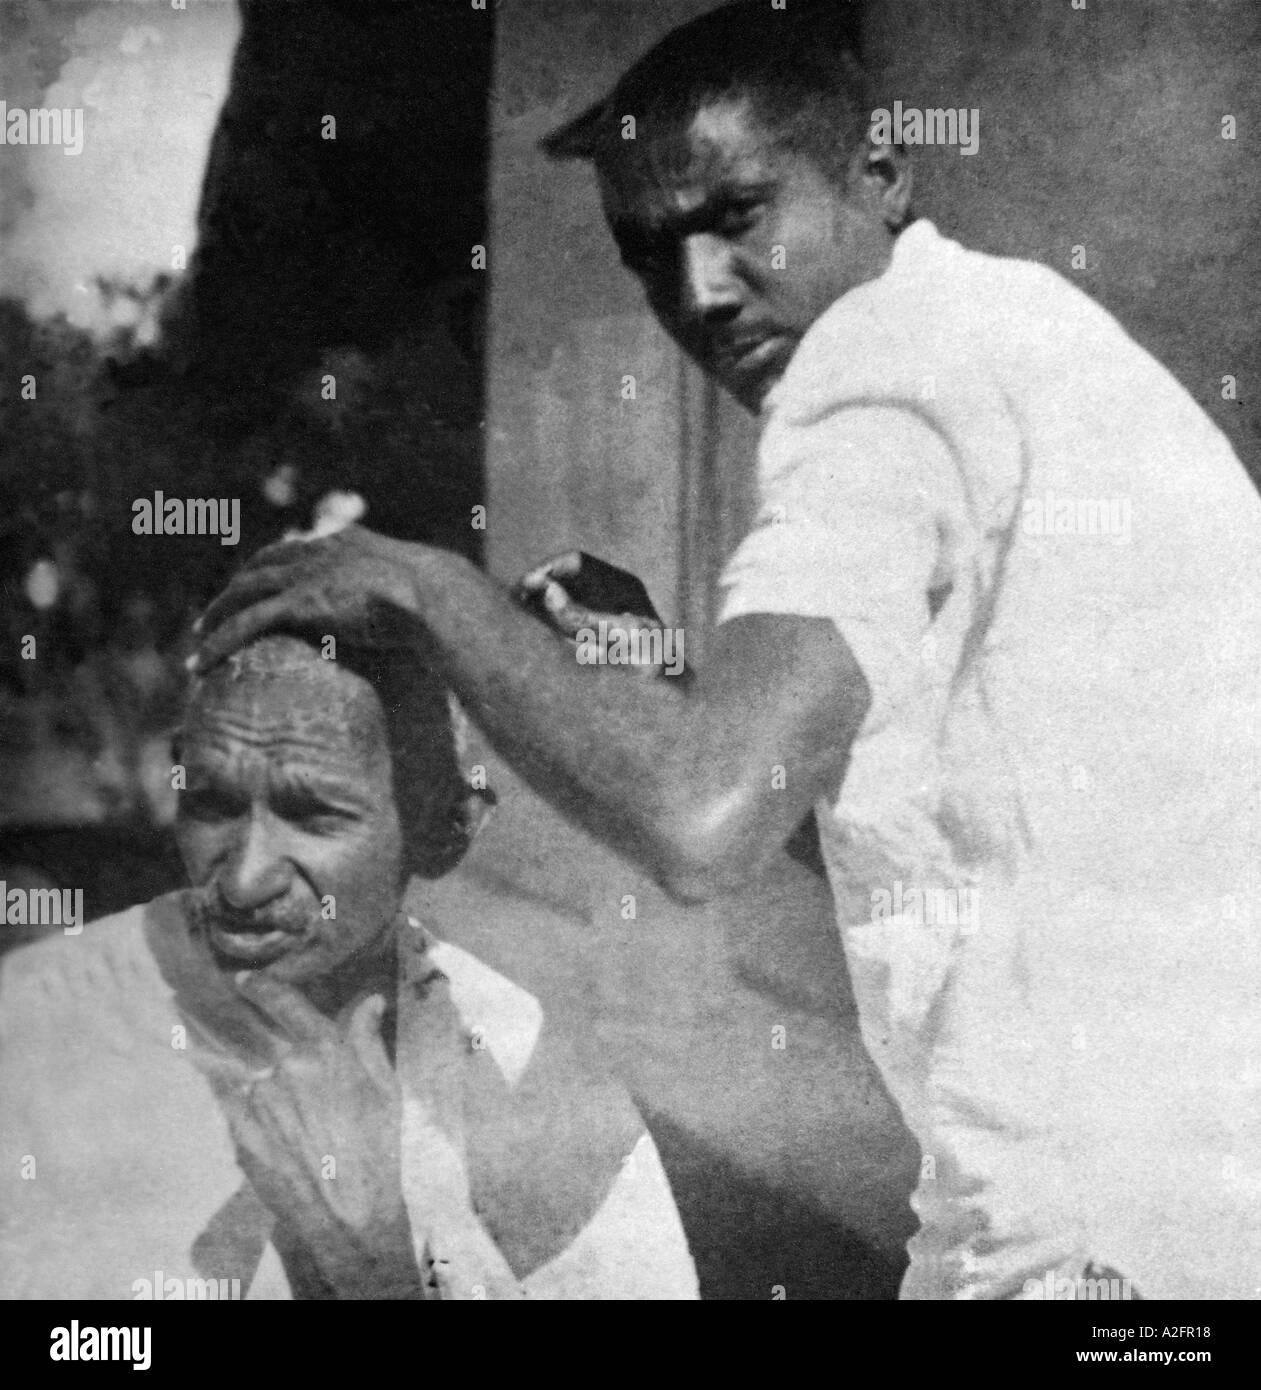 Il Mahatma Gandhi getting capo rasato durante il sale marzo India Marzo 1930 Immagini Stock